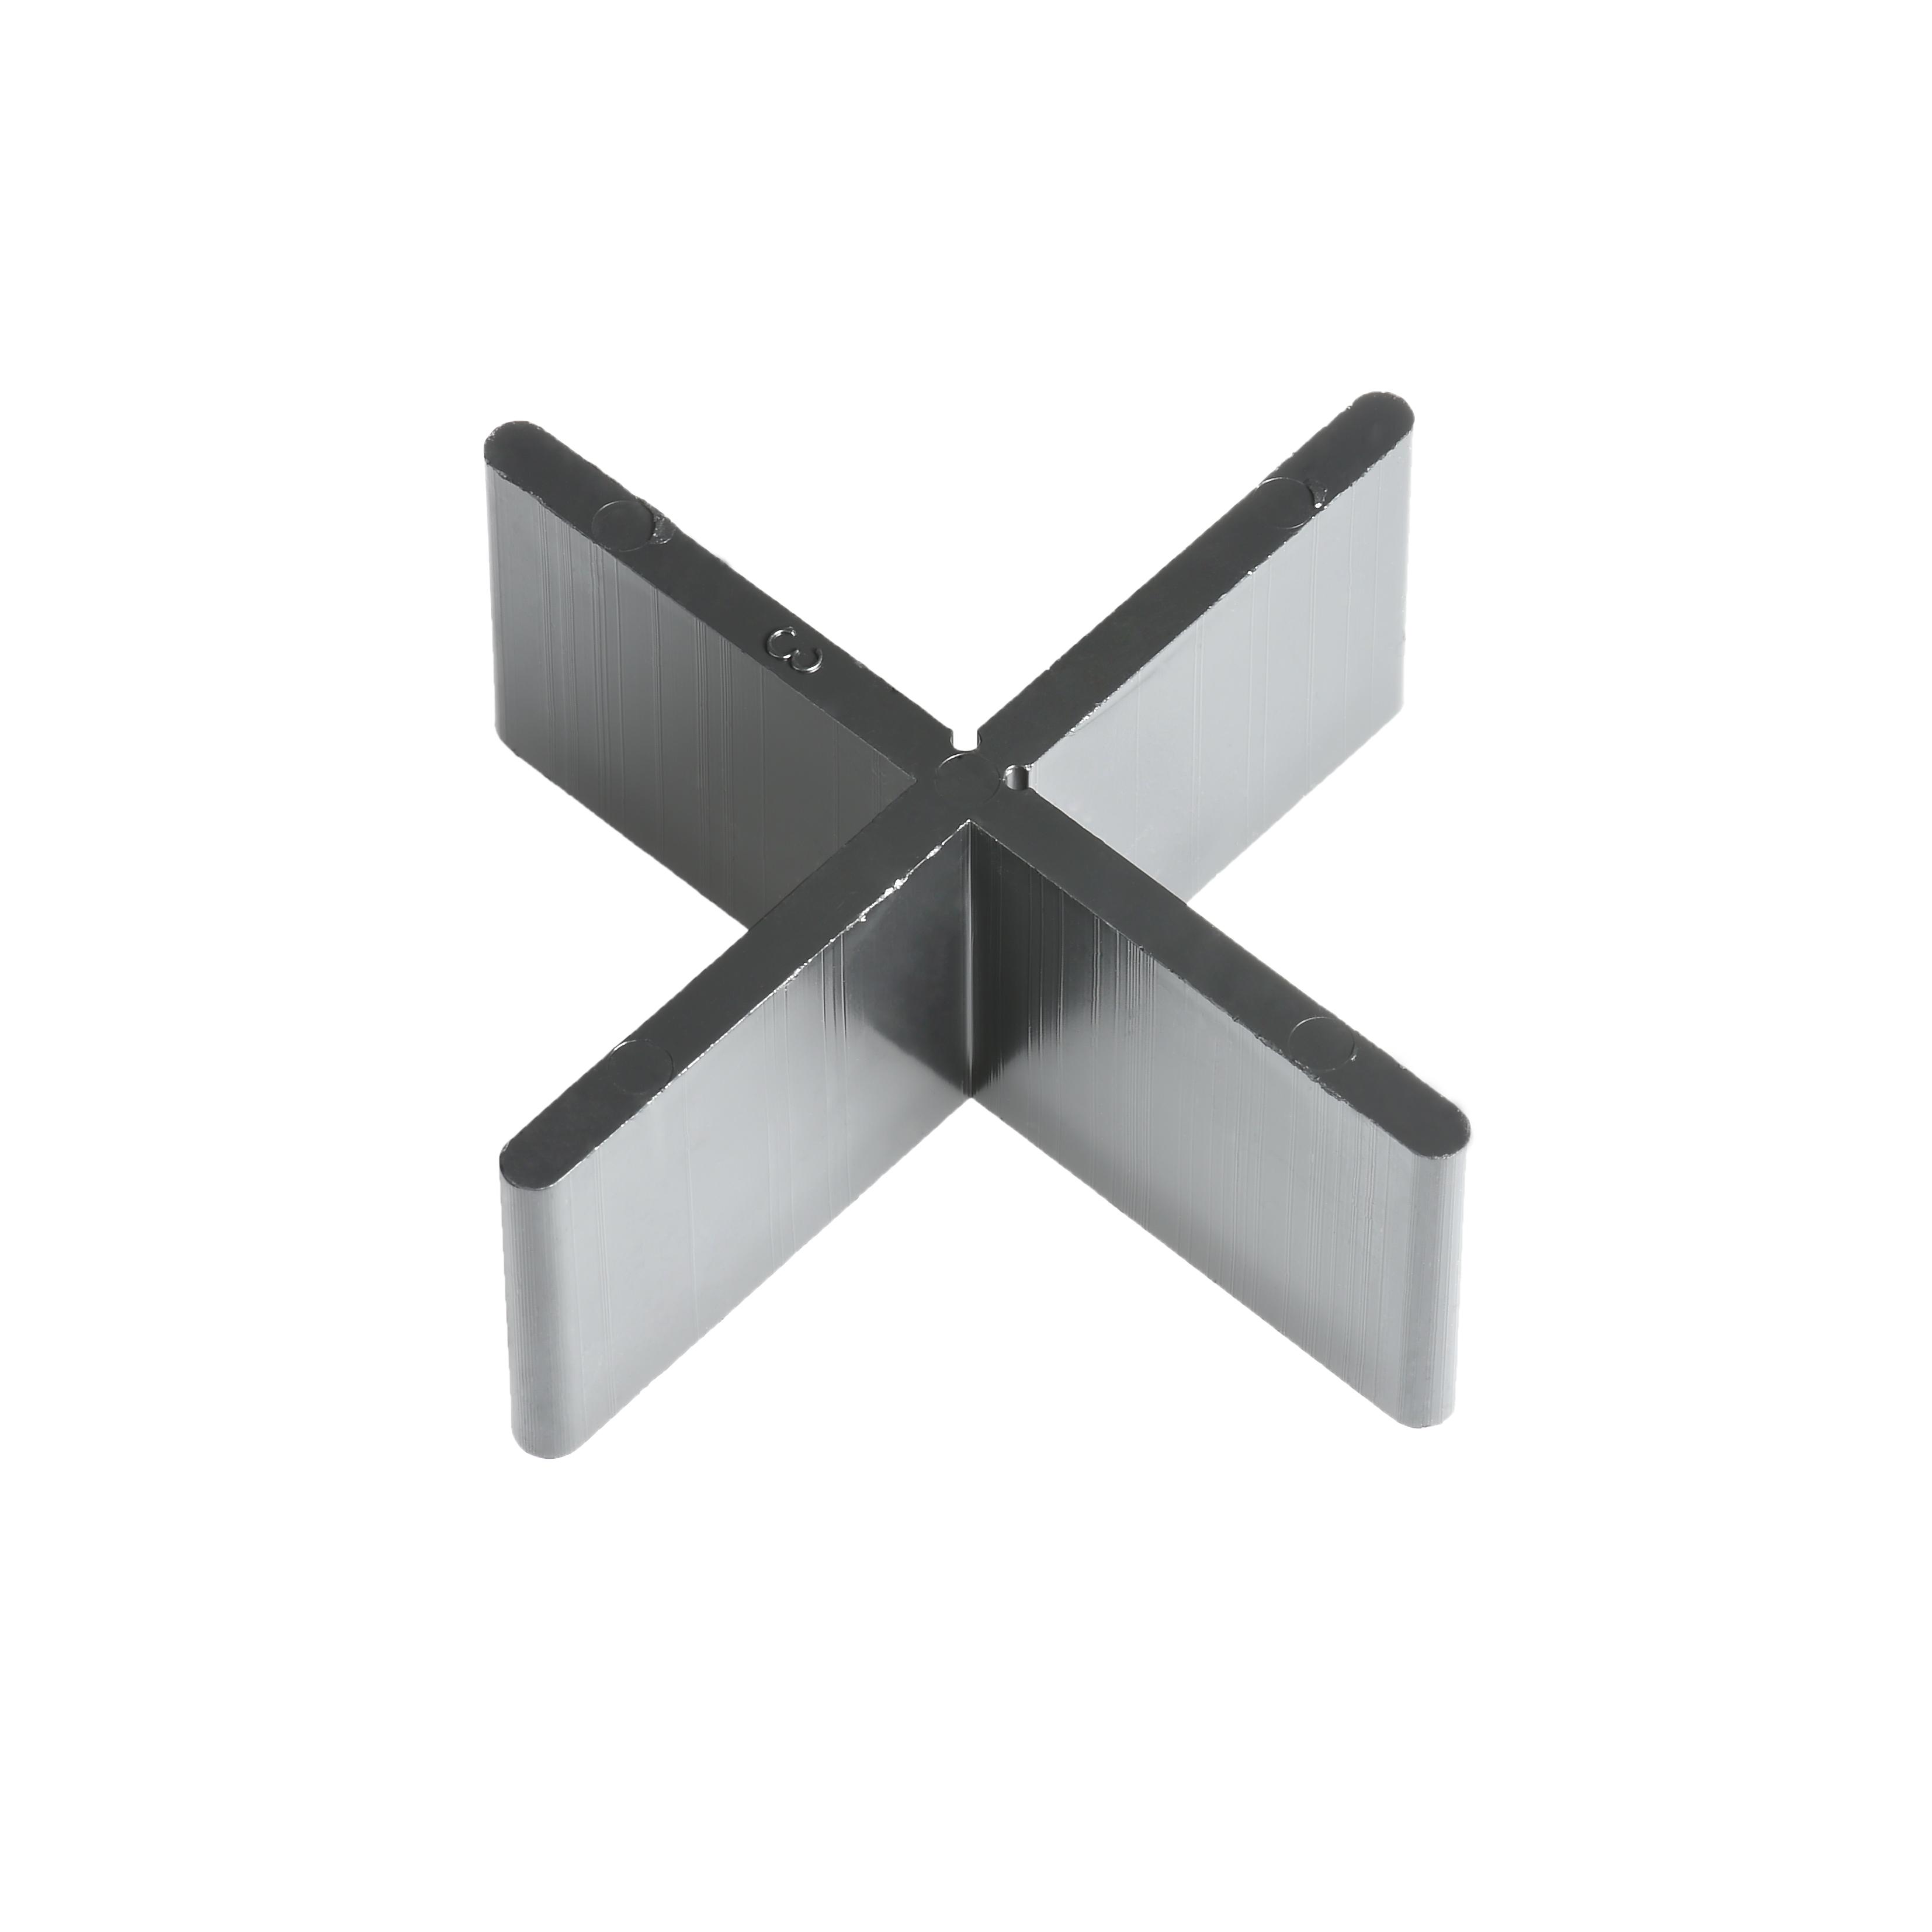 Fugenkreuze 3mm Bodenplatten,Fliesenkreuze 4mm 500 stk Terrassenplatten 5mm